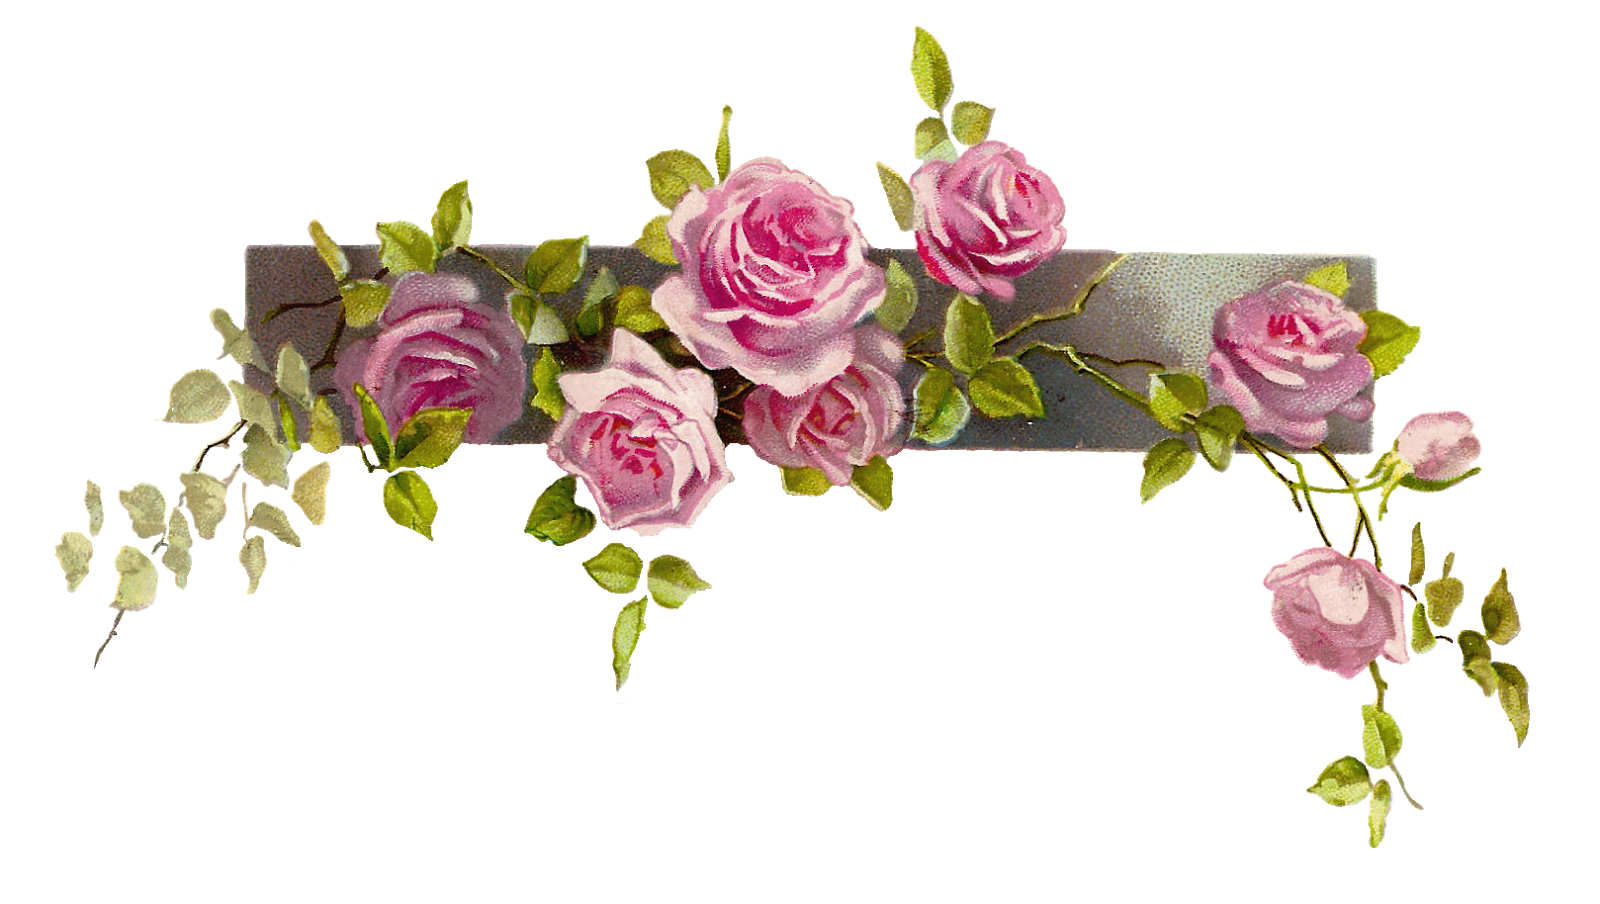 Flower art png. Border vintage rose clipart